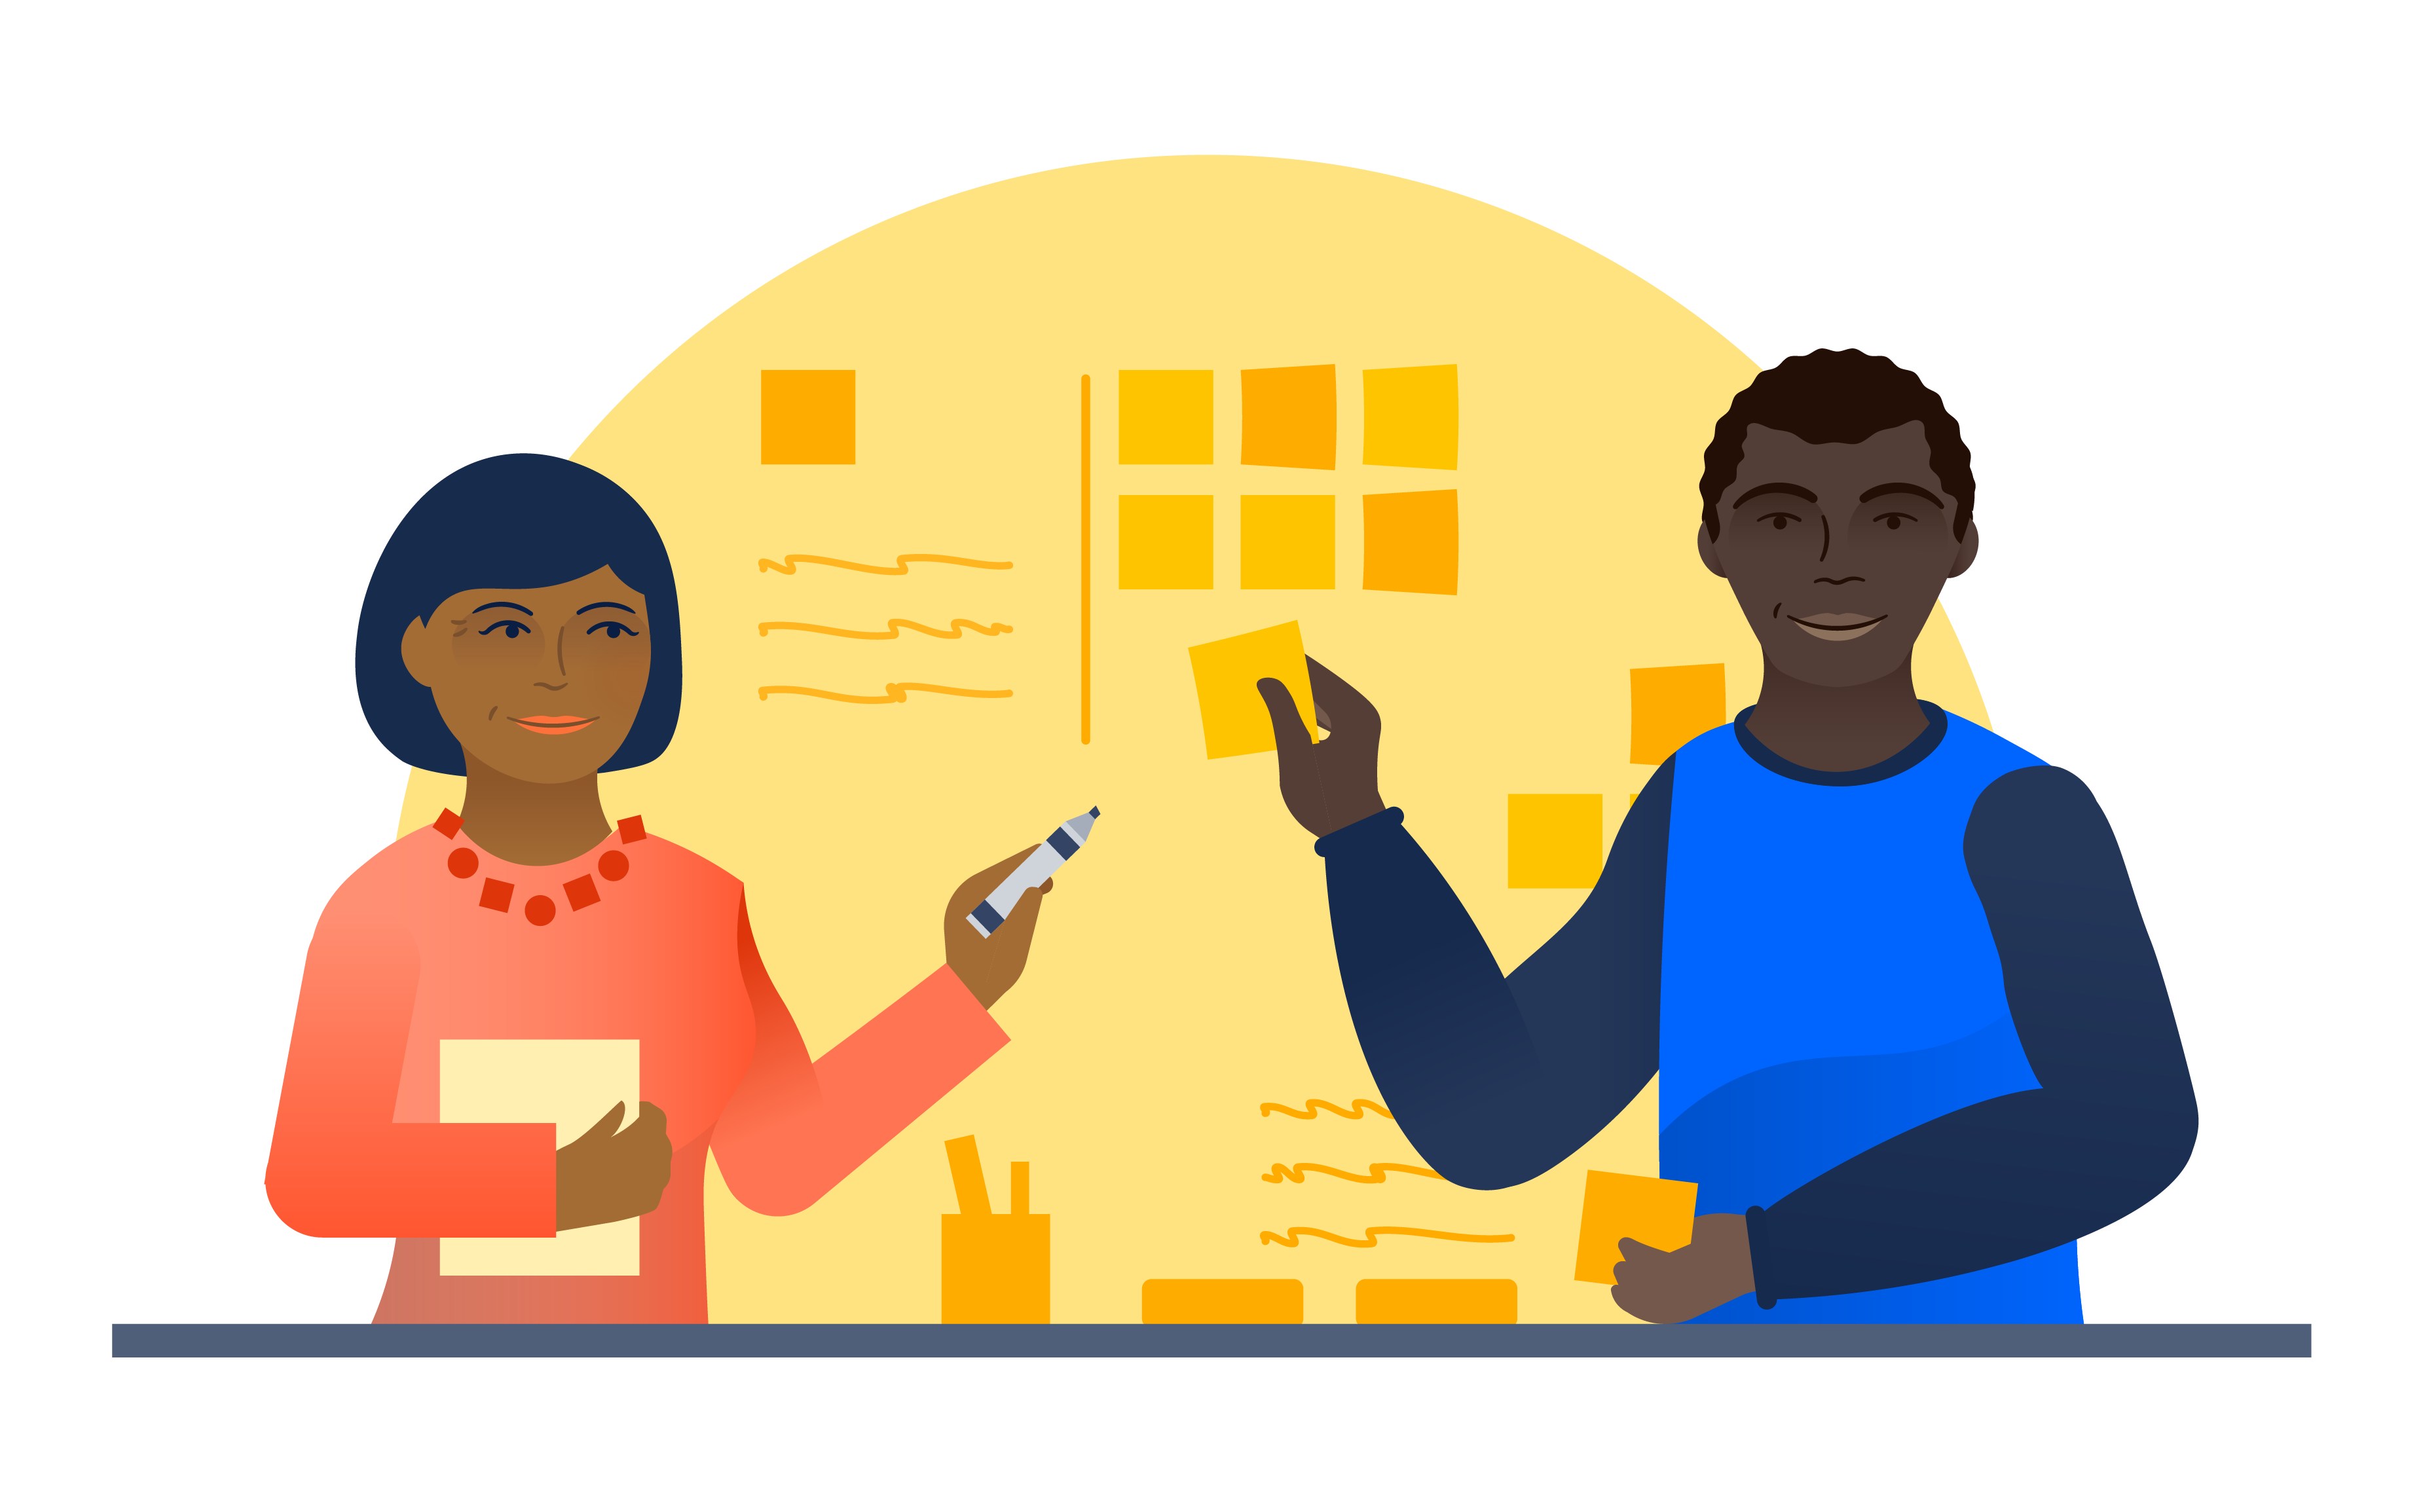 Un gestor y un propietario del producto colaboran con notas rápidas y bolígrafos | Orientador ágil de Atlassian